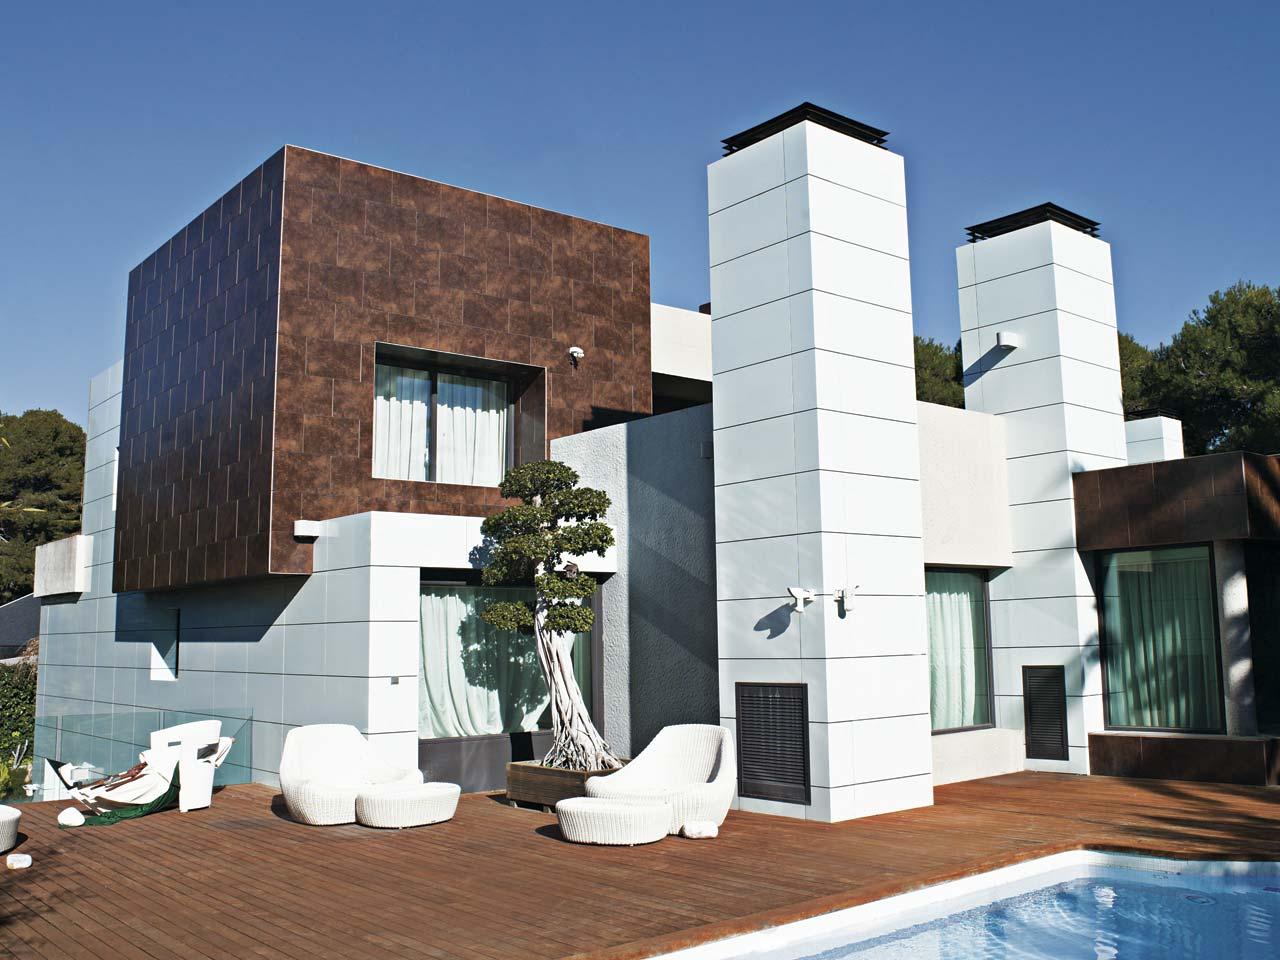 más de 30 revestimientos de fachadas y paredes exteriores - estreno casa